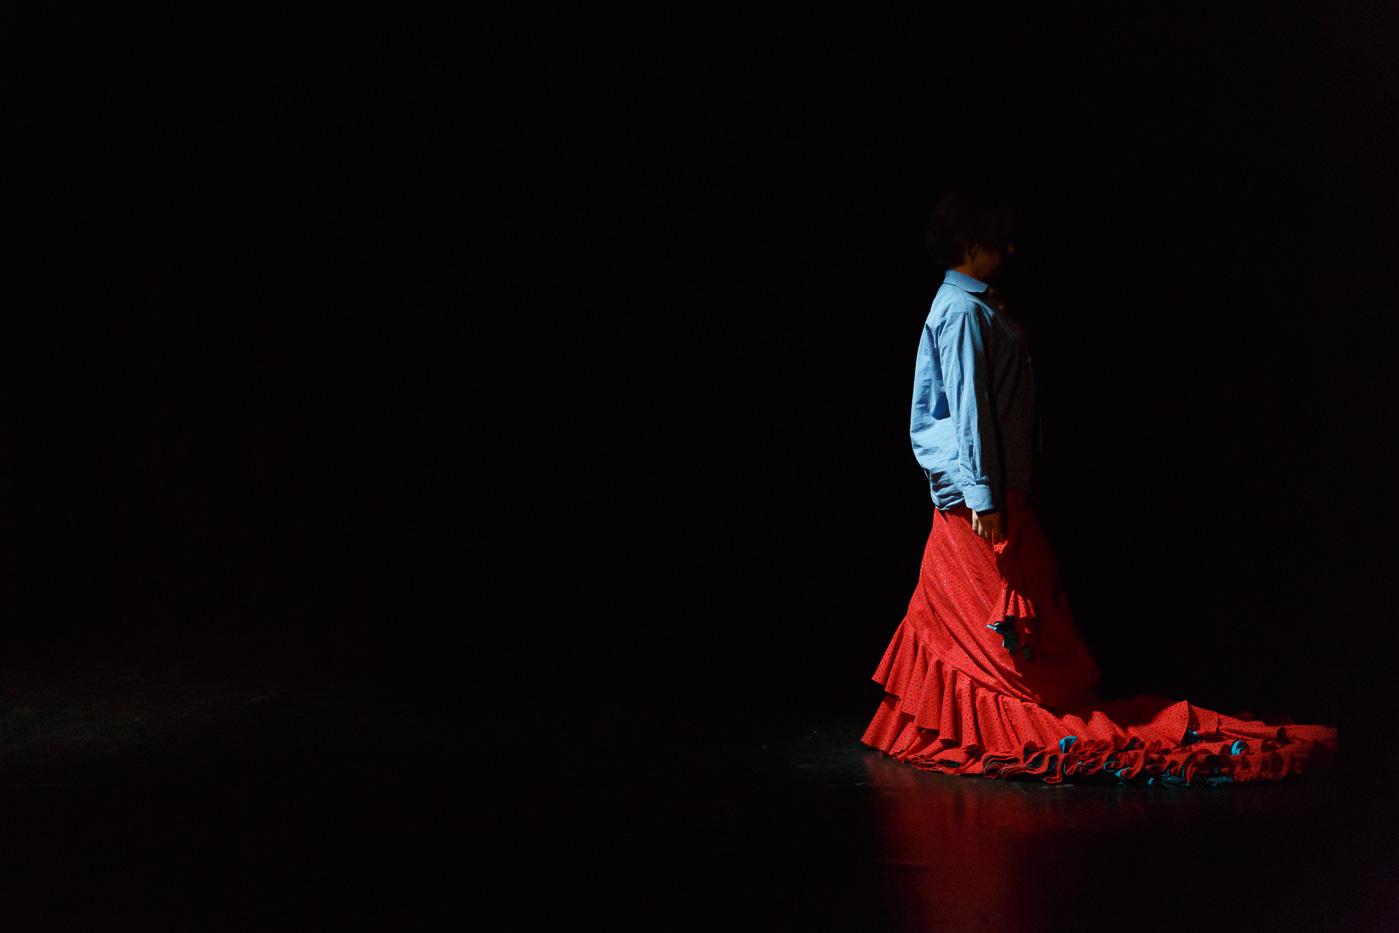 Flamencotaenzerin Julia Petschinka bei exduo_Foto von Daniel Karsch